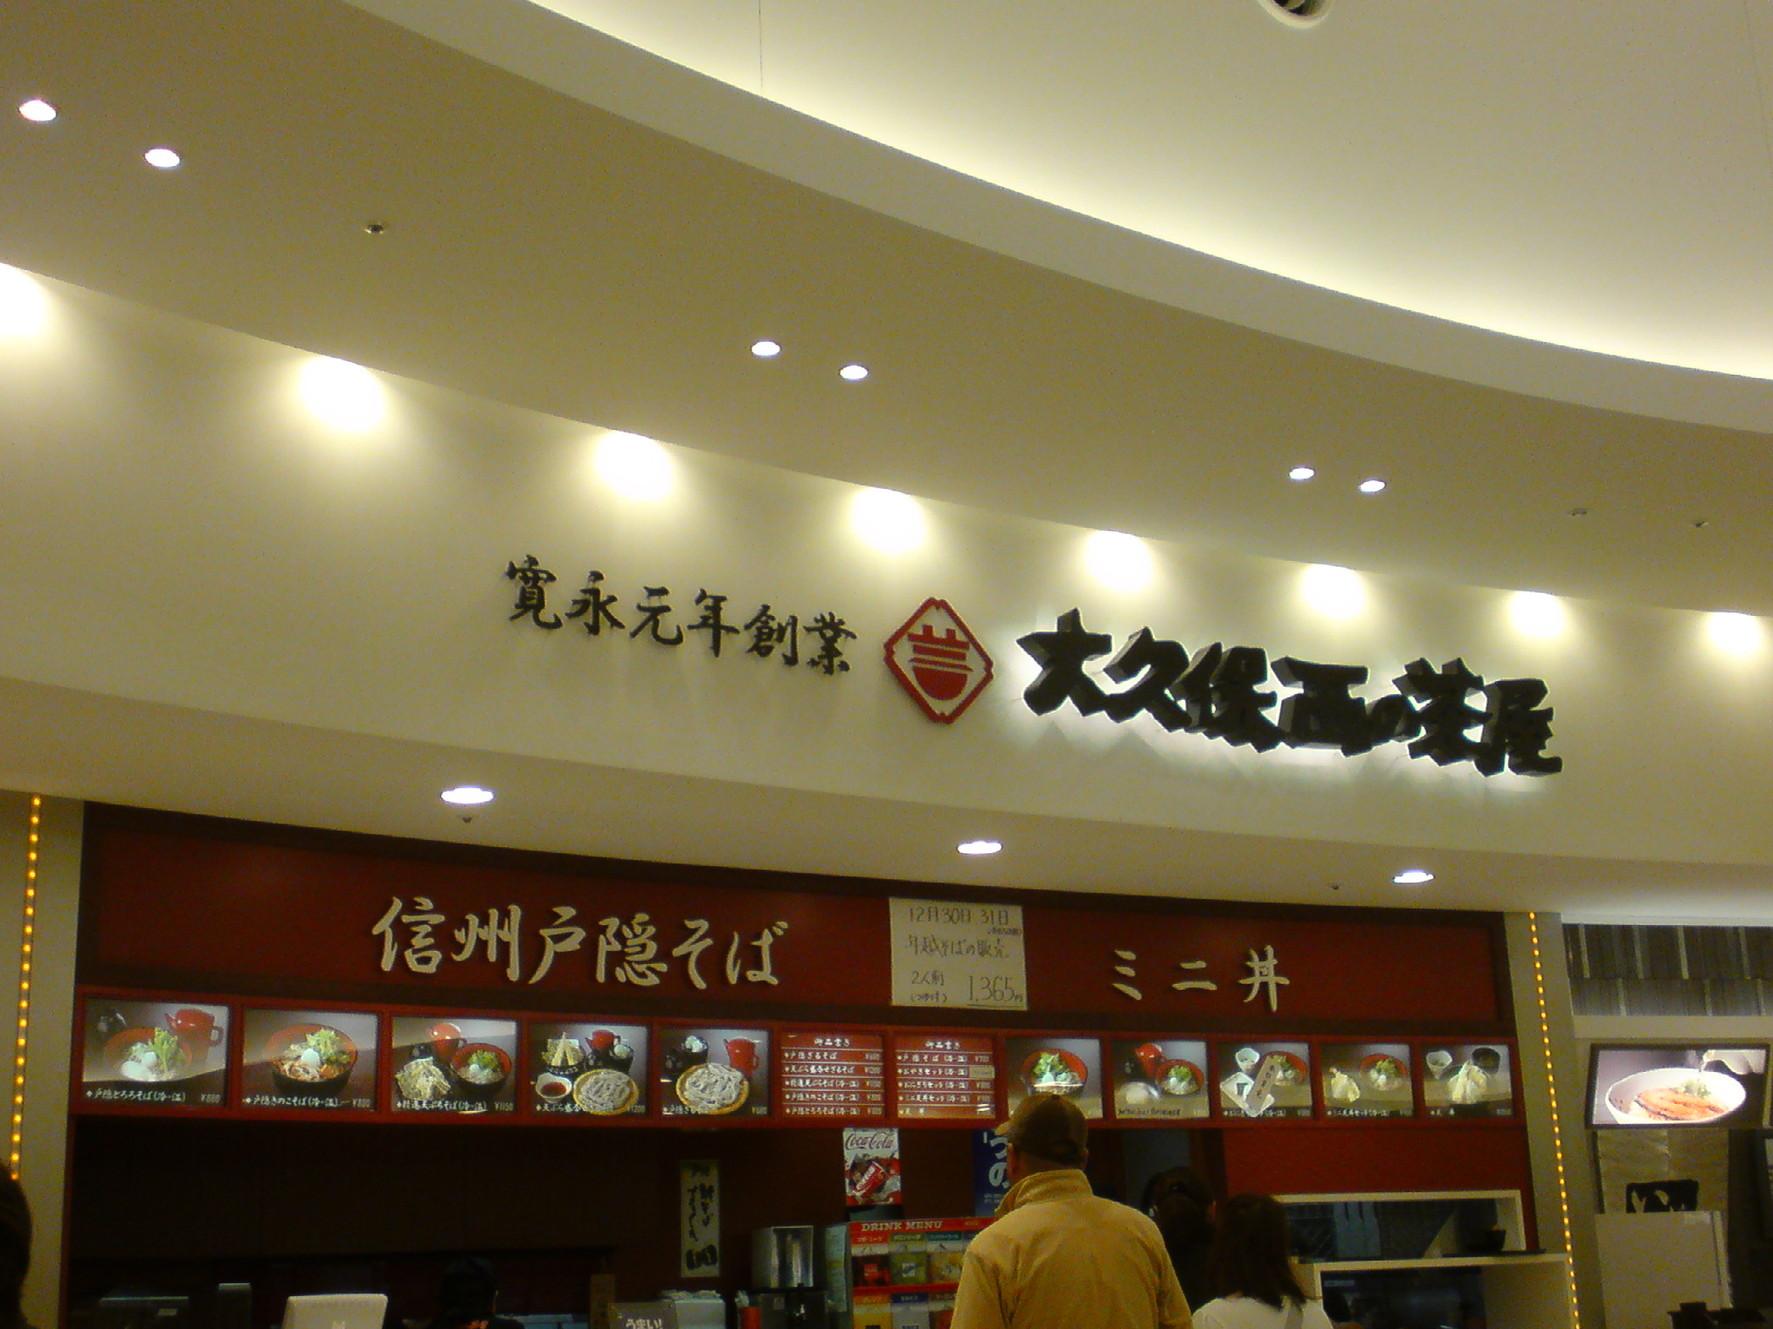 大久保西の茶屋 ららぽーと新三郷店